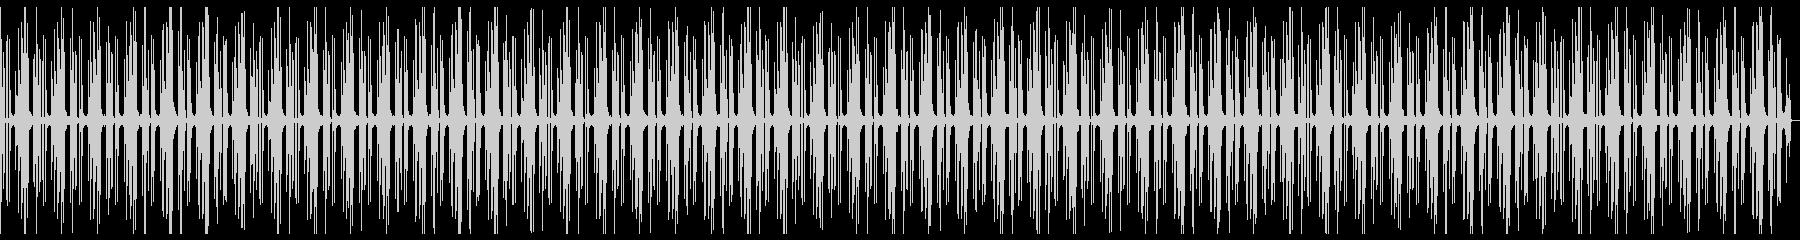 ミニマルライフ3_シンプル・CM・報道系の未再生の波形